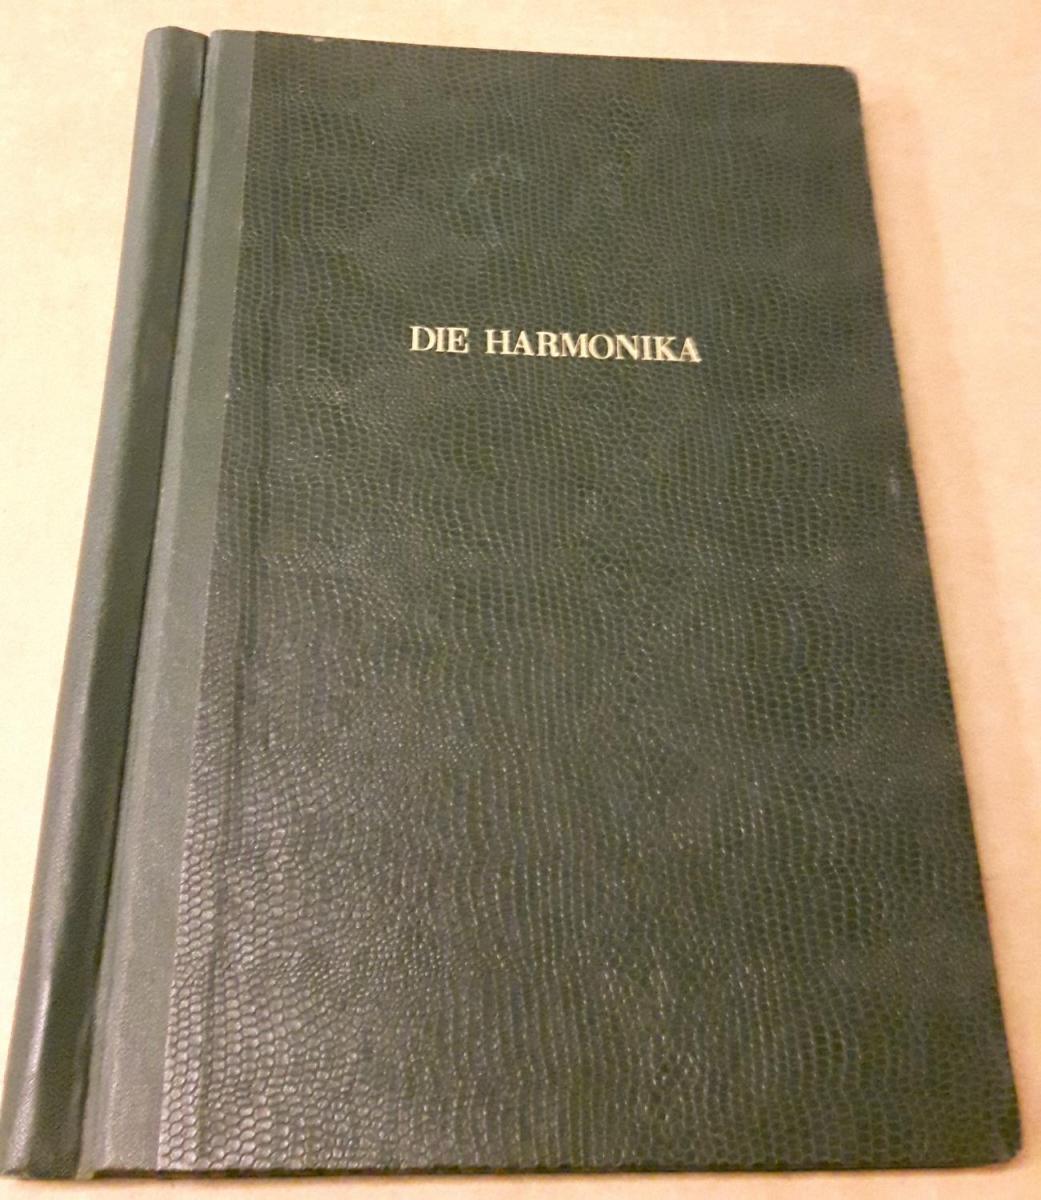 Die Harmonika - Monatsschrift für die Freunde der Harmonika / 19. Jahrgang 1954 KOMPLETT (9 Einzelhefte) in der Original HOHNER-KLEMM-SAMMELMAPPE (Kl. SaMa 1) vorhanden - Die einzelnen Zeitschriften sind reich bebildert und zeittypisch im Stil der 1950... 0